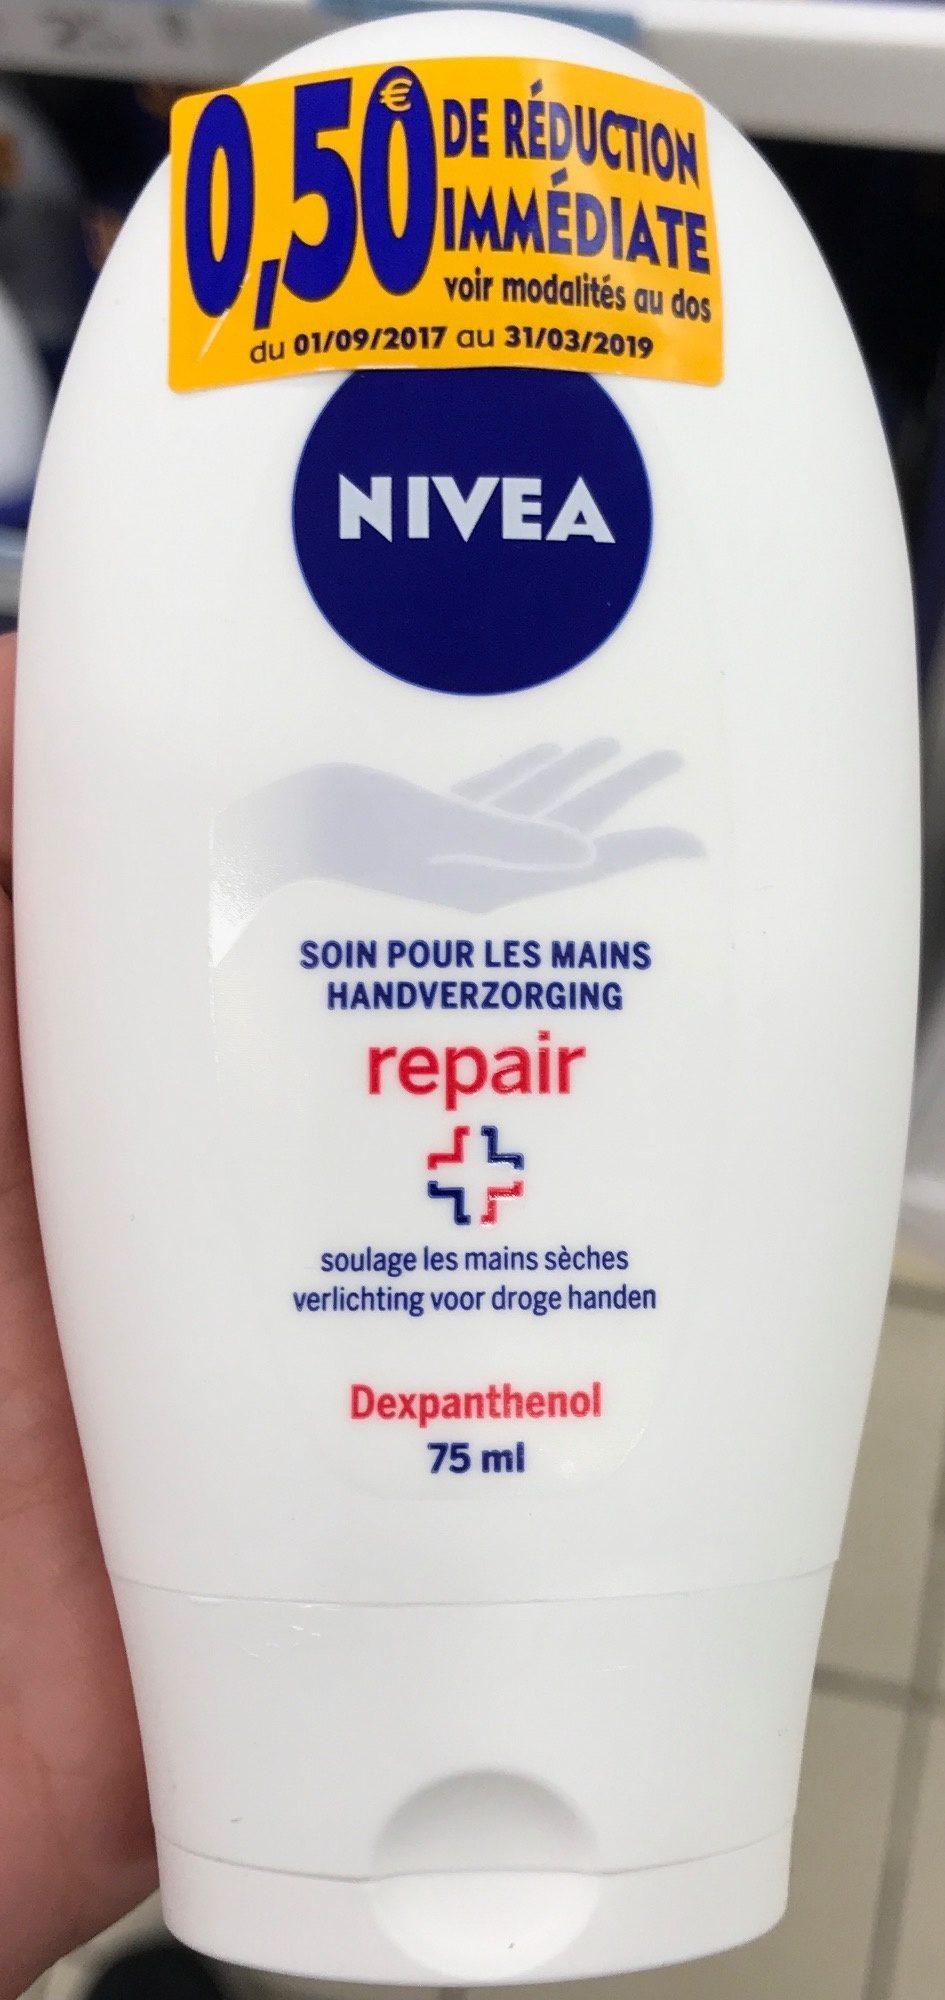 Soin pour les mains Repair - Product - fr